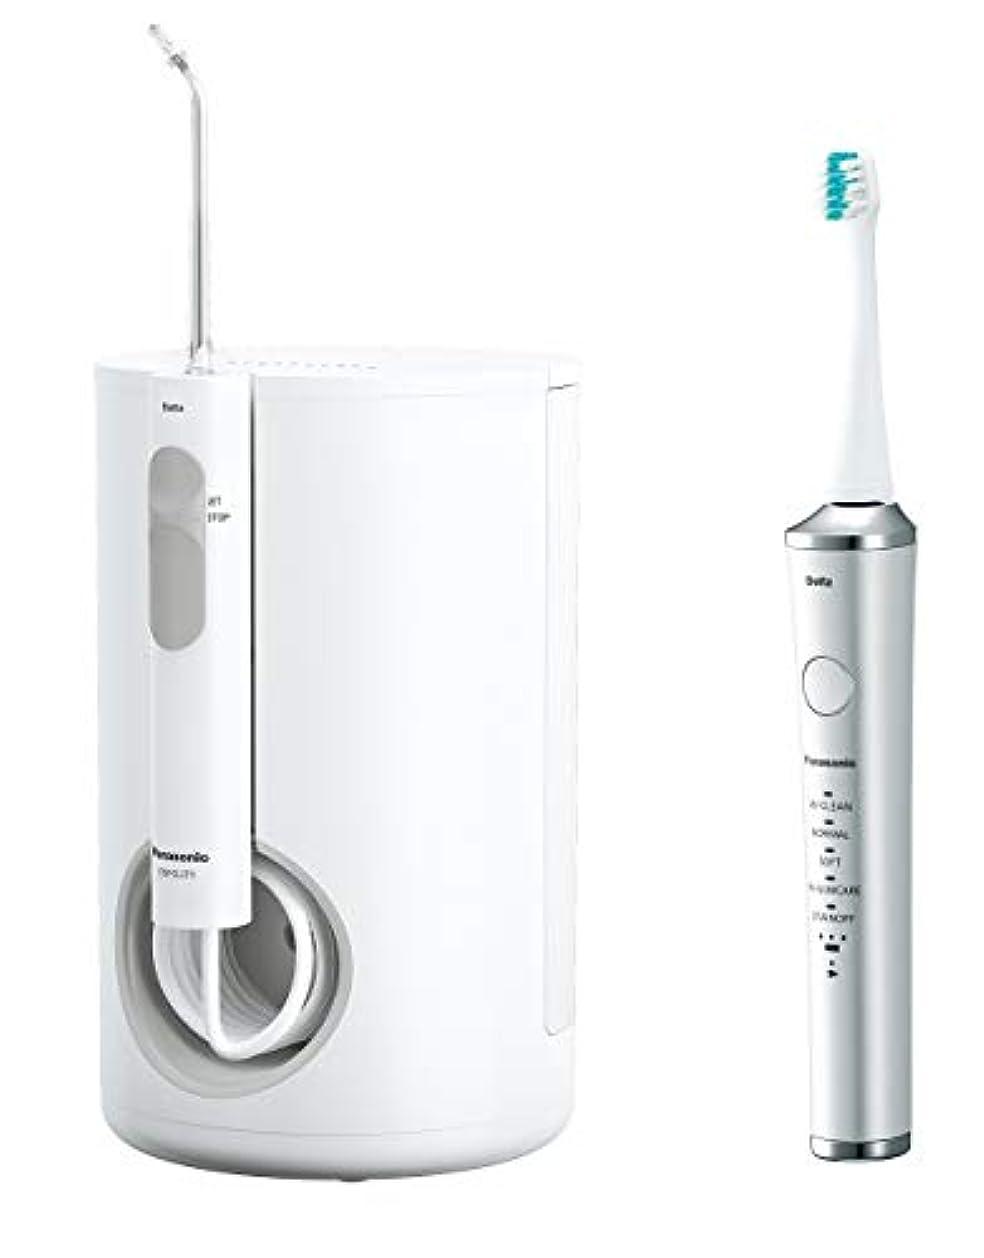 鯨インフラ支出パナソニック 口腔洗浄器 ジェットウォッシャー ドルツ 白 EW-DJ71-W + 電動歯ブラシ ドルツ セット